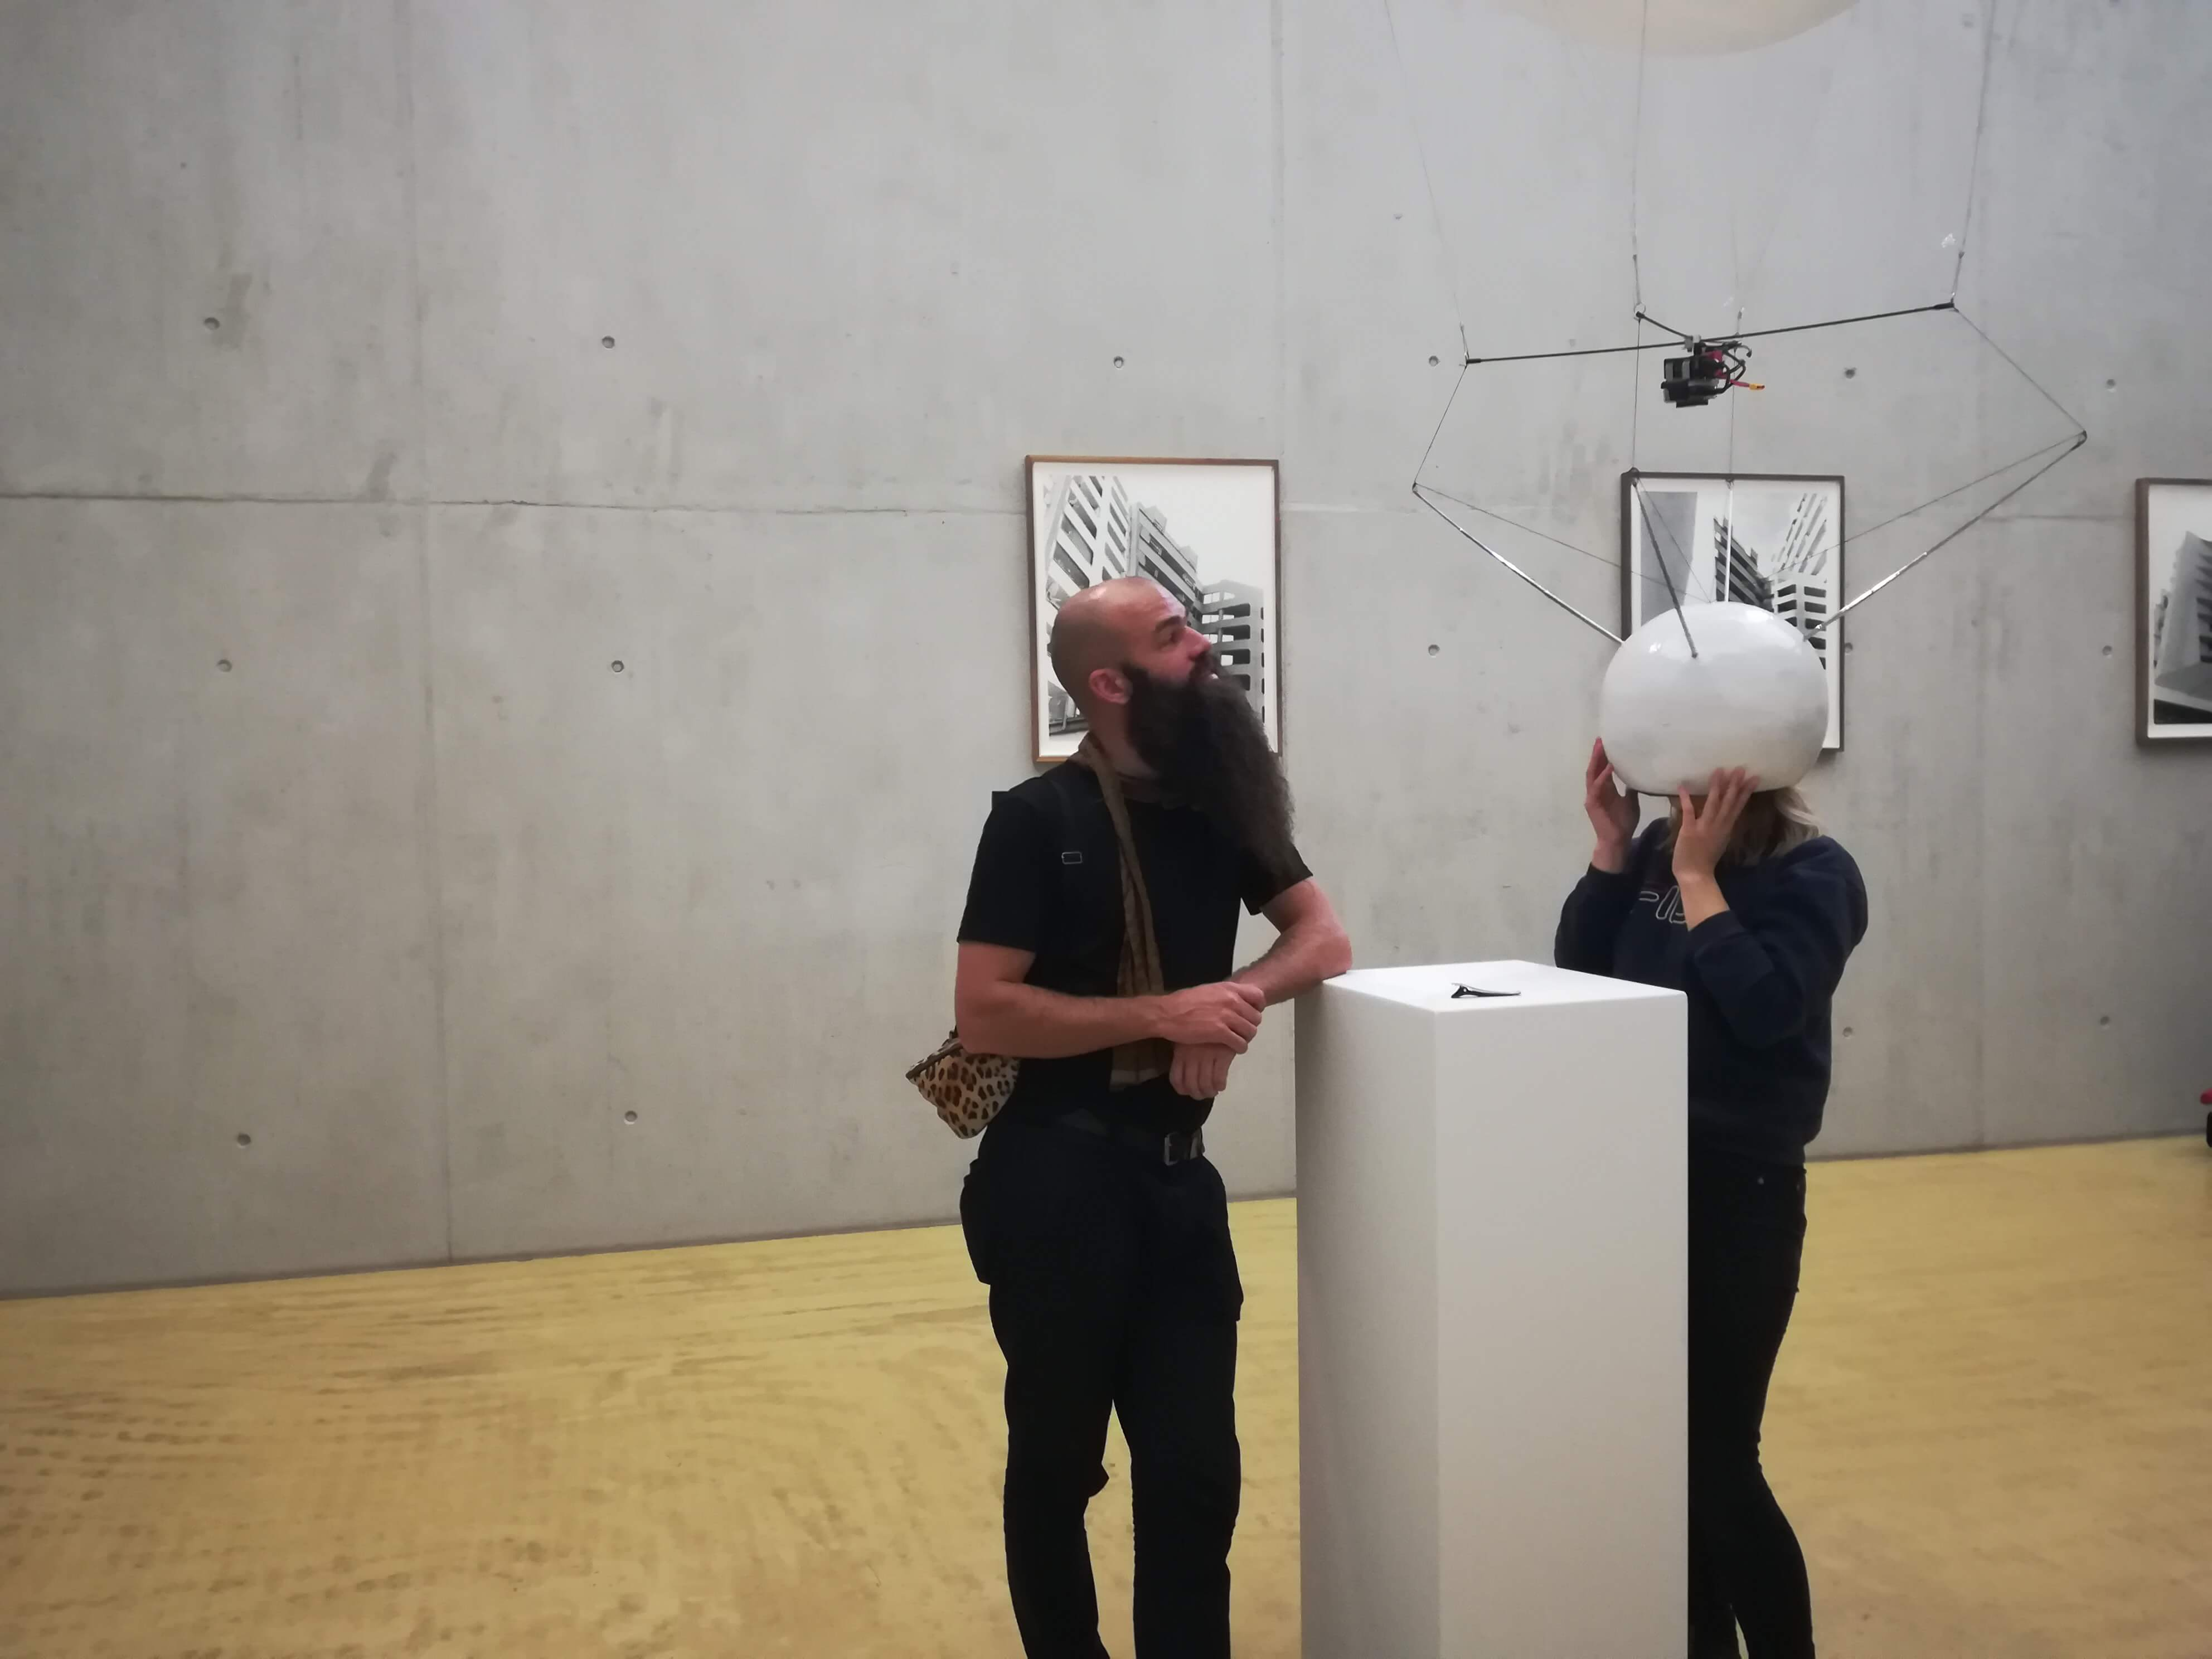 Kunstwerk - Sammlung Klein - Nussdorf - Museum - Kunst - Art - Baden-Württemberg - Hängung #18 - Räumlichkeiten - Julius von Bismarck - Top Shot Helmet